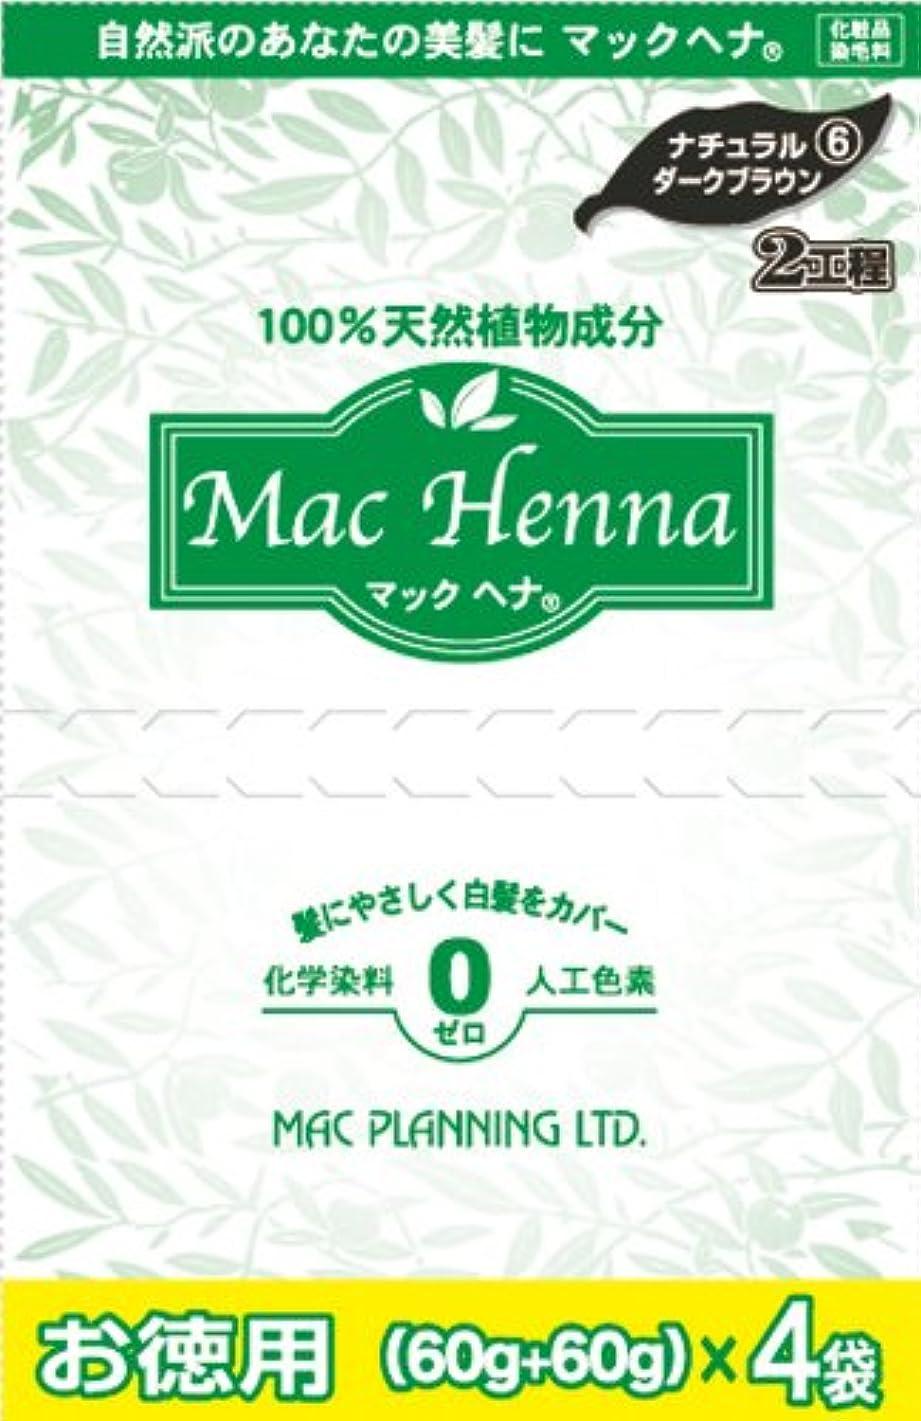 不一致毒液恐怖天然植物原料100% 無添加 マックヘナ お徳用(ナチュラルダークブラウン)-6  ヘナ240g(60g×4袋)?インディゴ240g(60g×4袋) 3箱セット